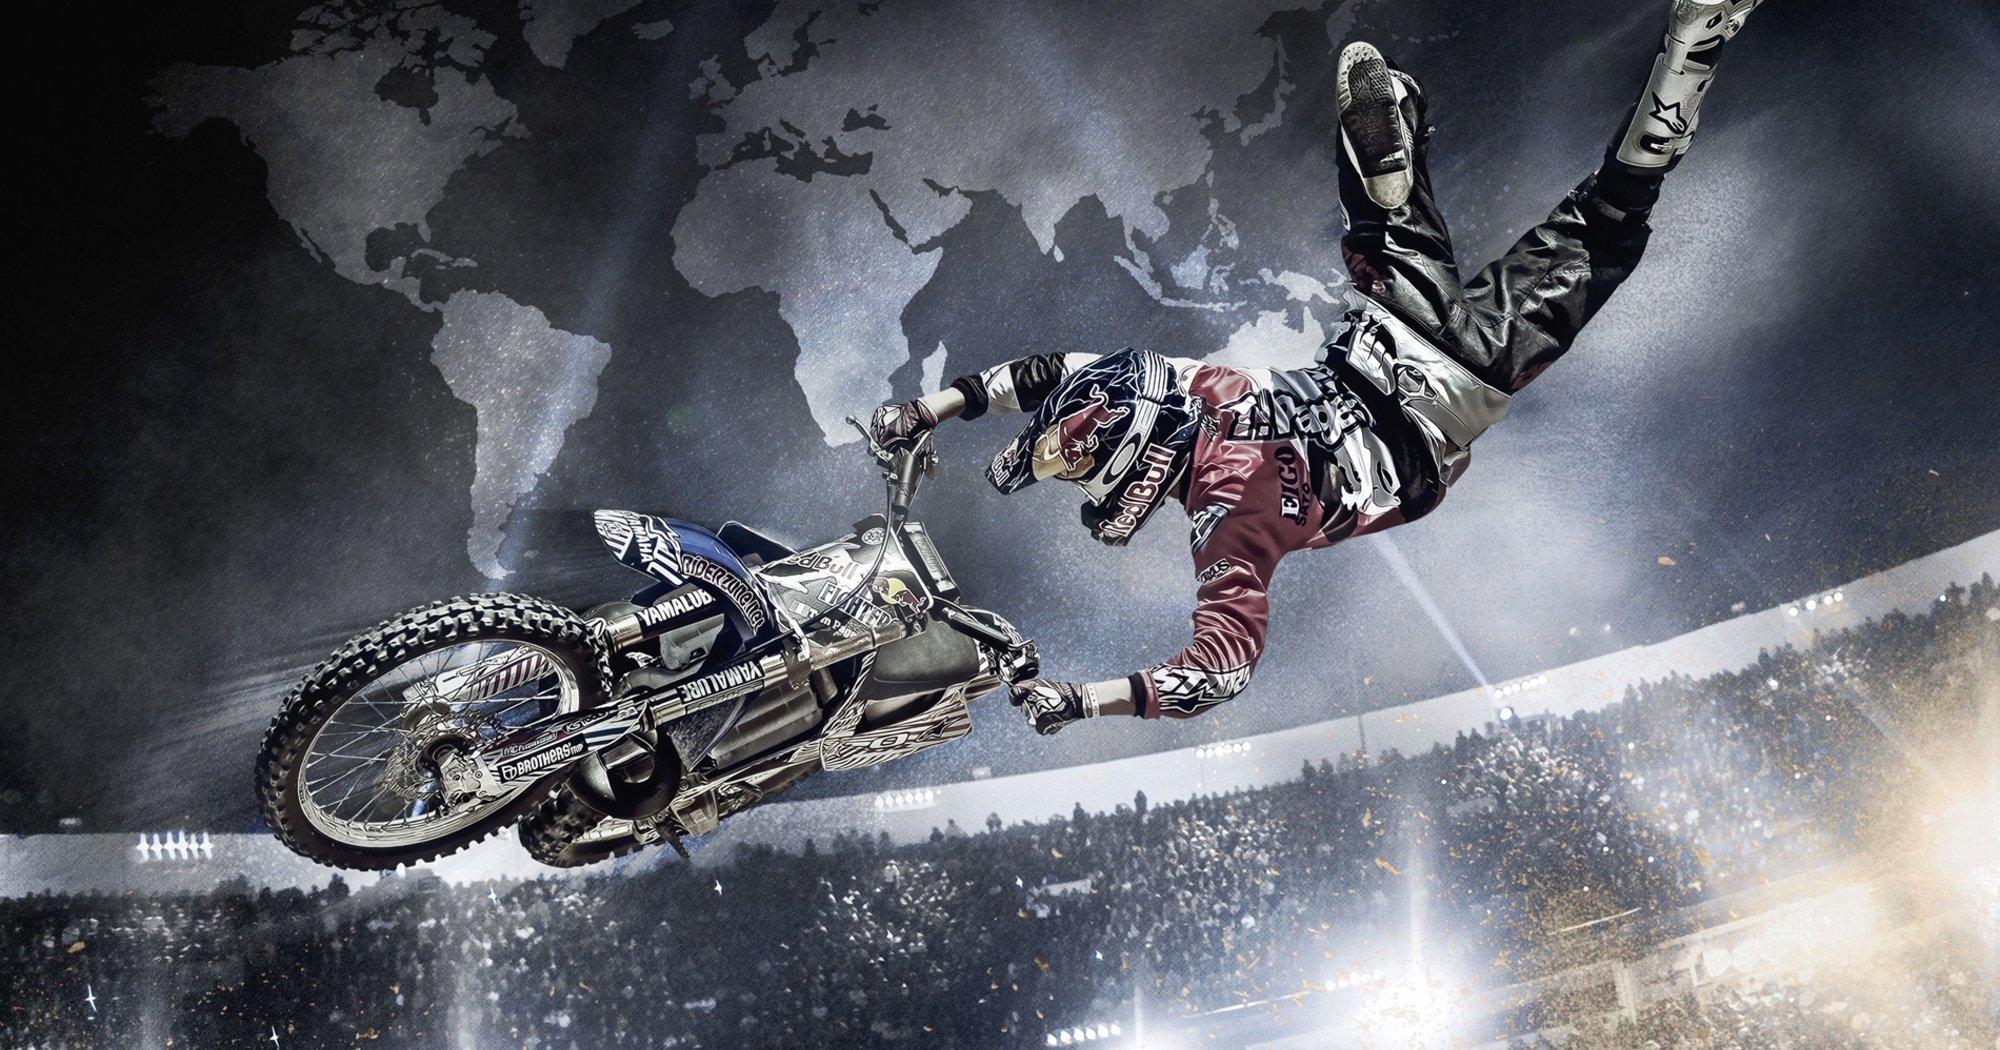 motocross wallpapers download